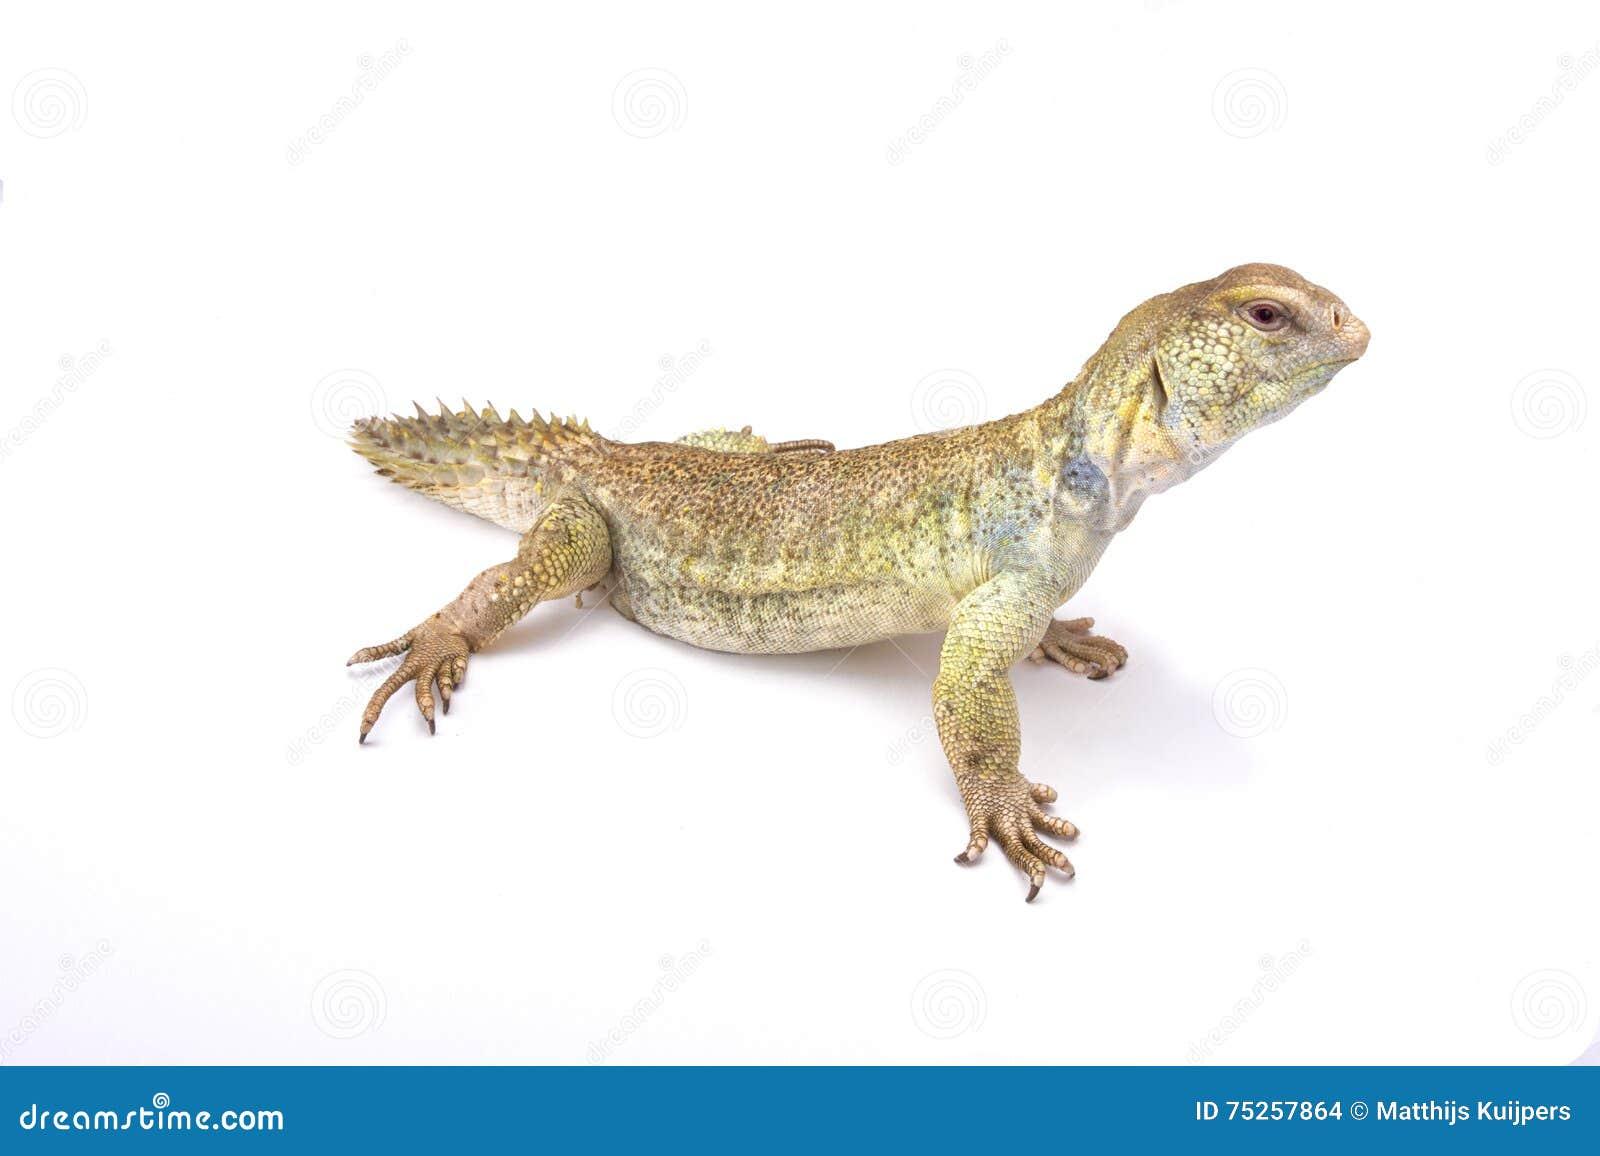 Lagarto espinoso-atado principesco (Uromastyx prínceps)